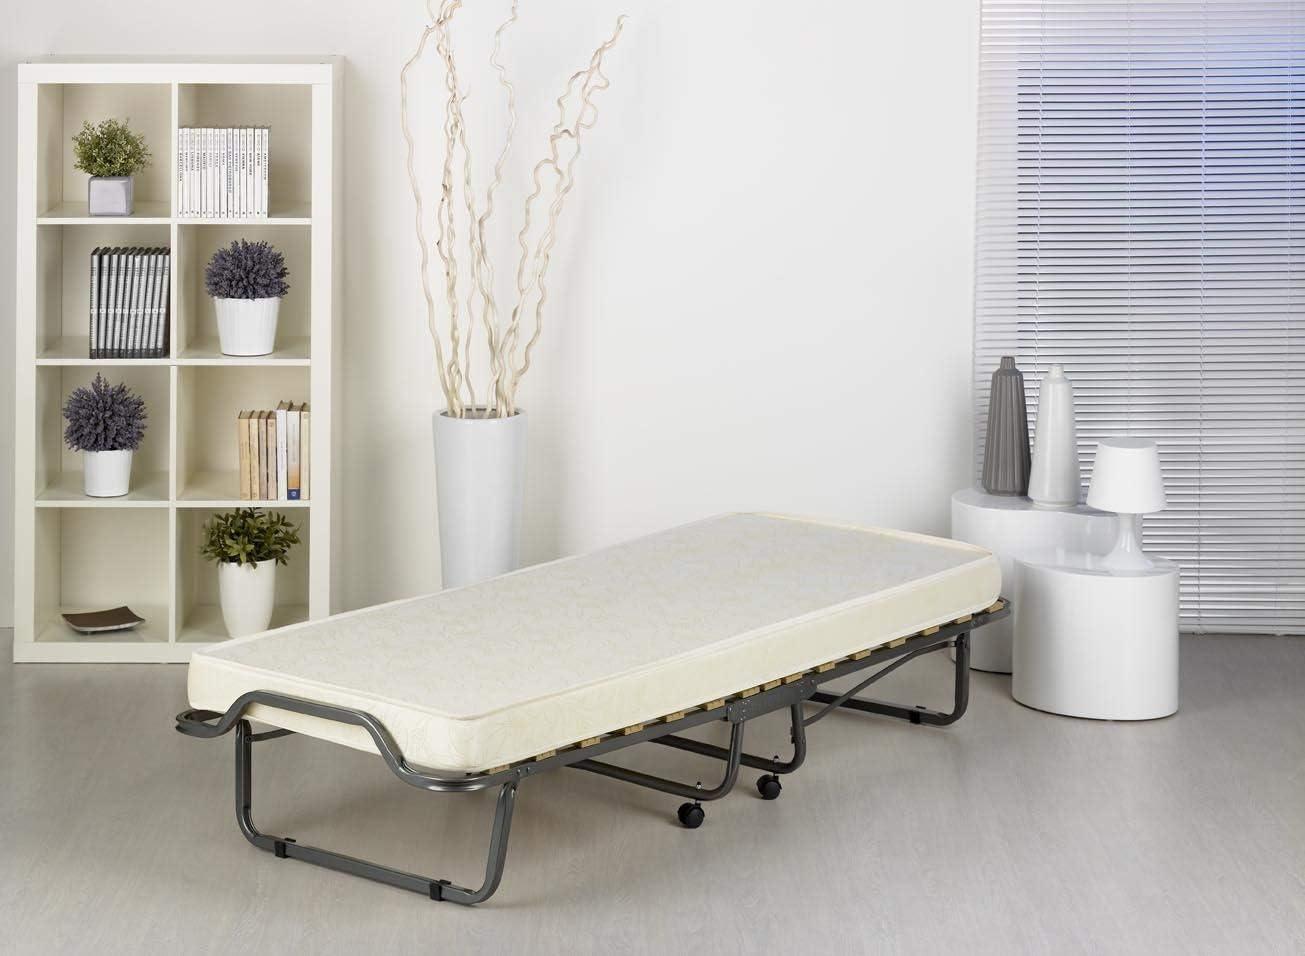 80 x 200 cm Matratze: Hellgrau Veraflex Colonia Guest Bed Metal Frame Anthracite Mattress Light Grey Rahmen: Anthrazit Steel